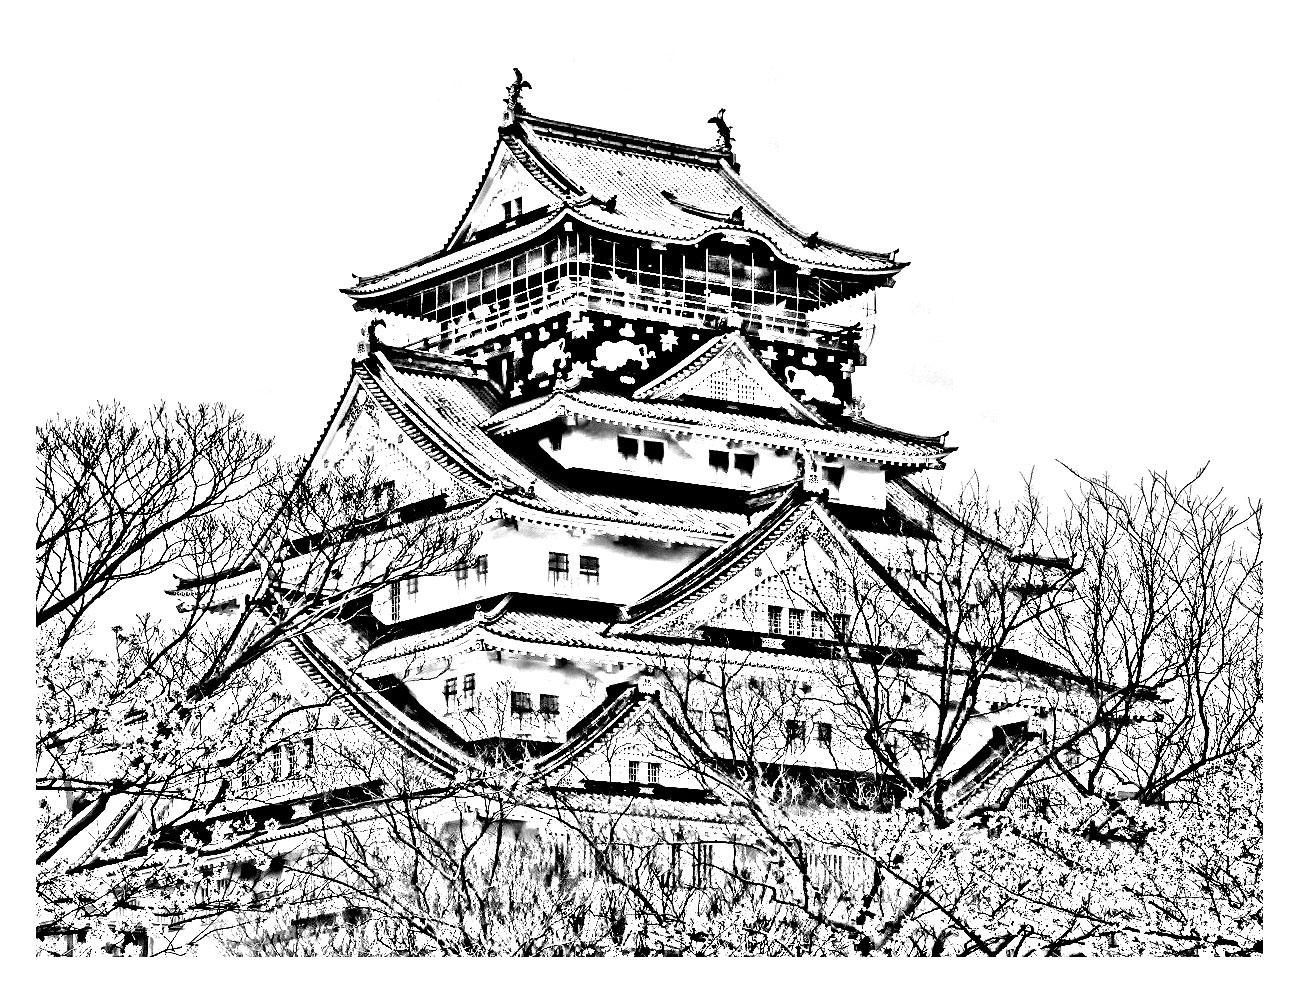 Disegni da colorare per adulti : Giappone - 12